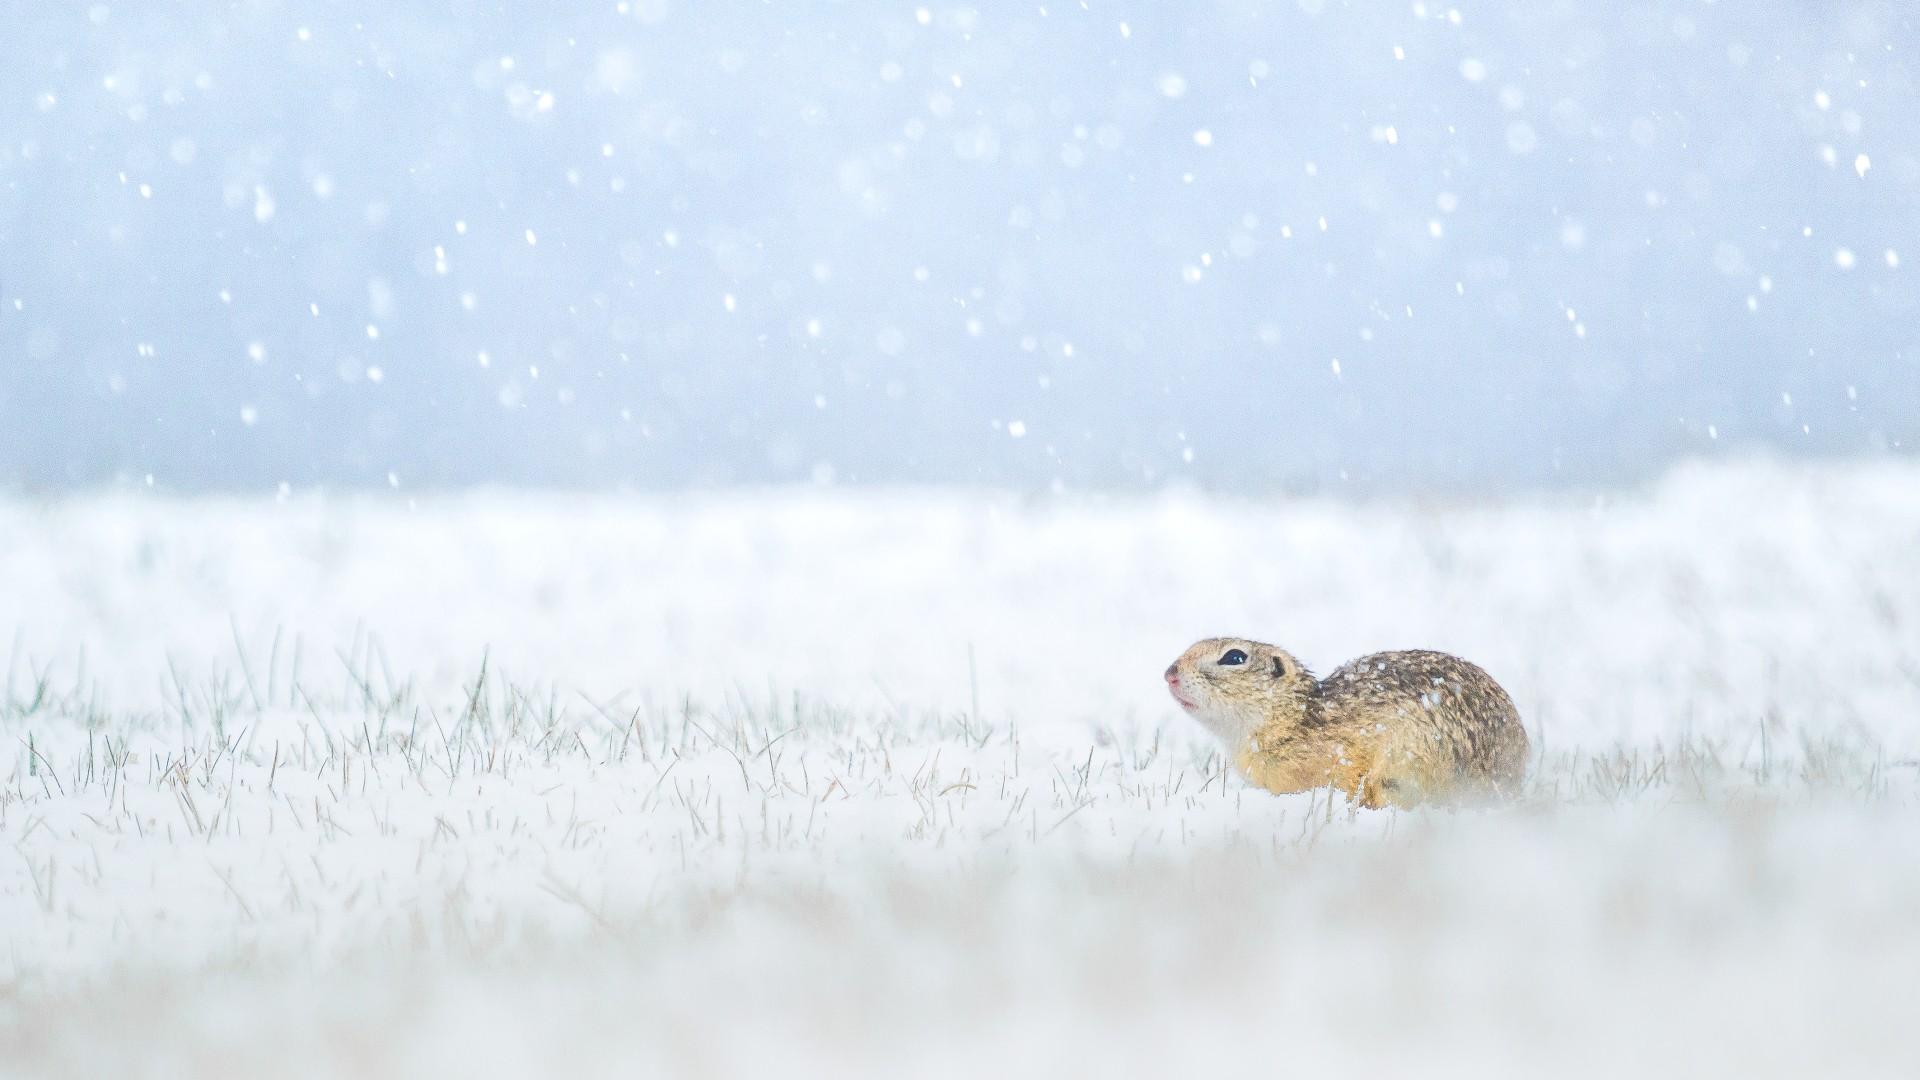 Fotó: Koncz-Bisztricz Tamás: Ürge a tavaszi havazásban<br />Kategória: Ifjúsági kategória<br />Helyezés: 2. díj<br /><br />A kis ürge is megcsodálja az áprilisi hóesést Bugac-pusztán, a homokbuckákon. A kocsi ajtaját óvatosan résnyire nyitottam, kimásztam, majd a sáros marhalegelőn kúsztam a szakadó hóesésben, és vártam az alkalmas pillanatot. Hazatérve megértő édesanyám nem szidott meg a sáros, mocskos és büdös ruhámért, de legalább sikerült lencsevégre kapnom ezt a nagyon ritka és szép pillanatot.